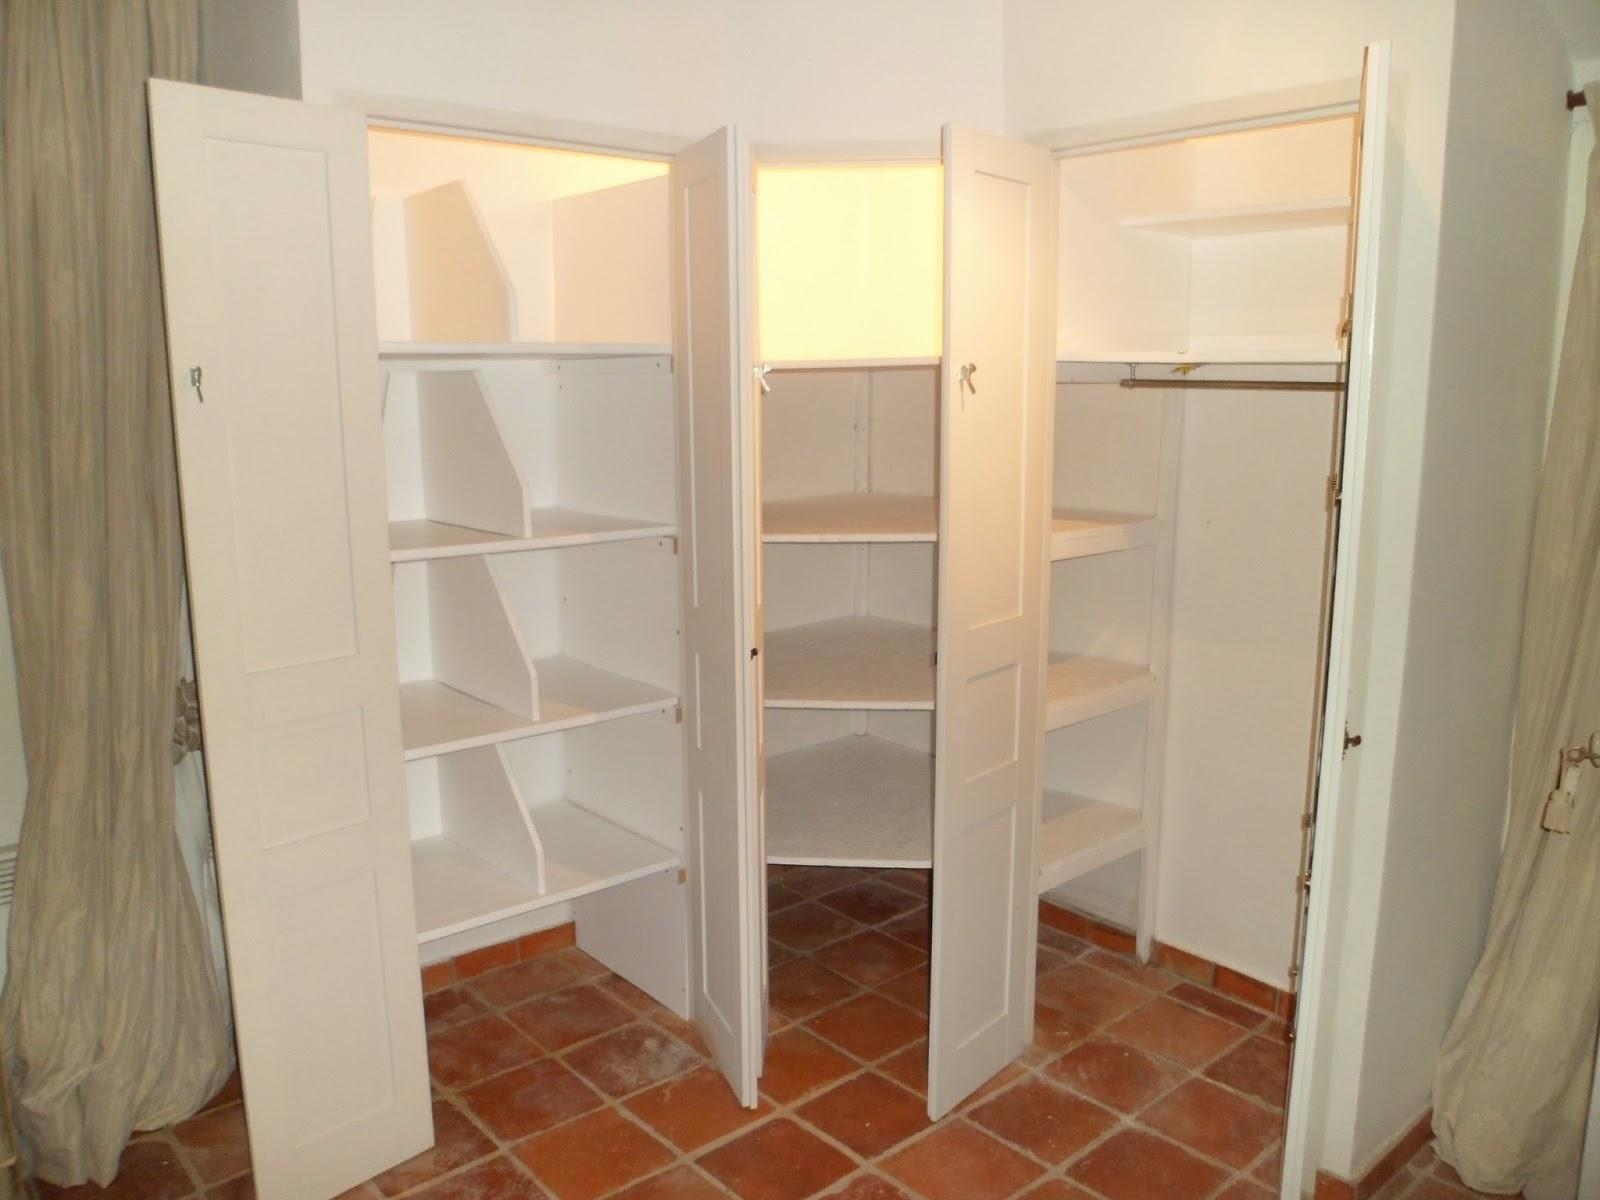 montage de meuble st raphael assemblage de meubles en kit. Black Bedroom Furniture Sets. Home Design Ideas